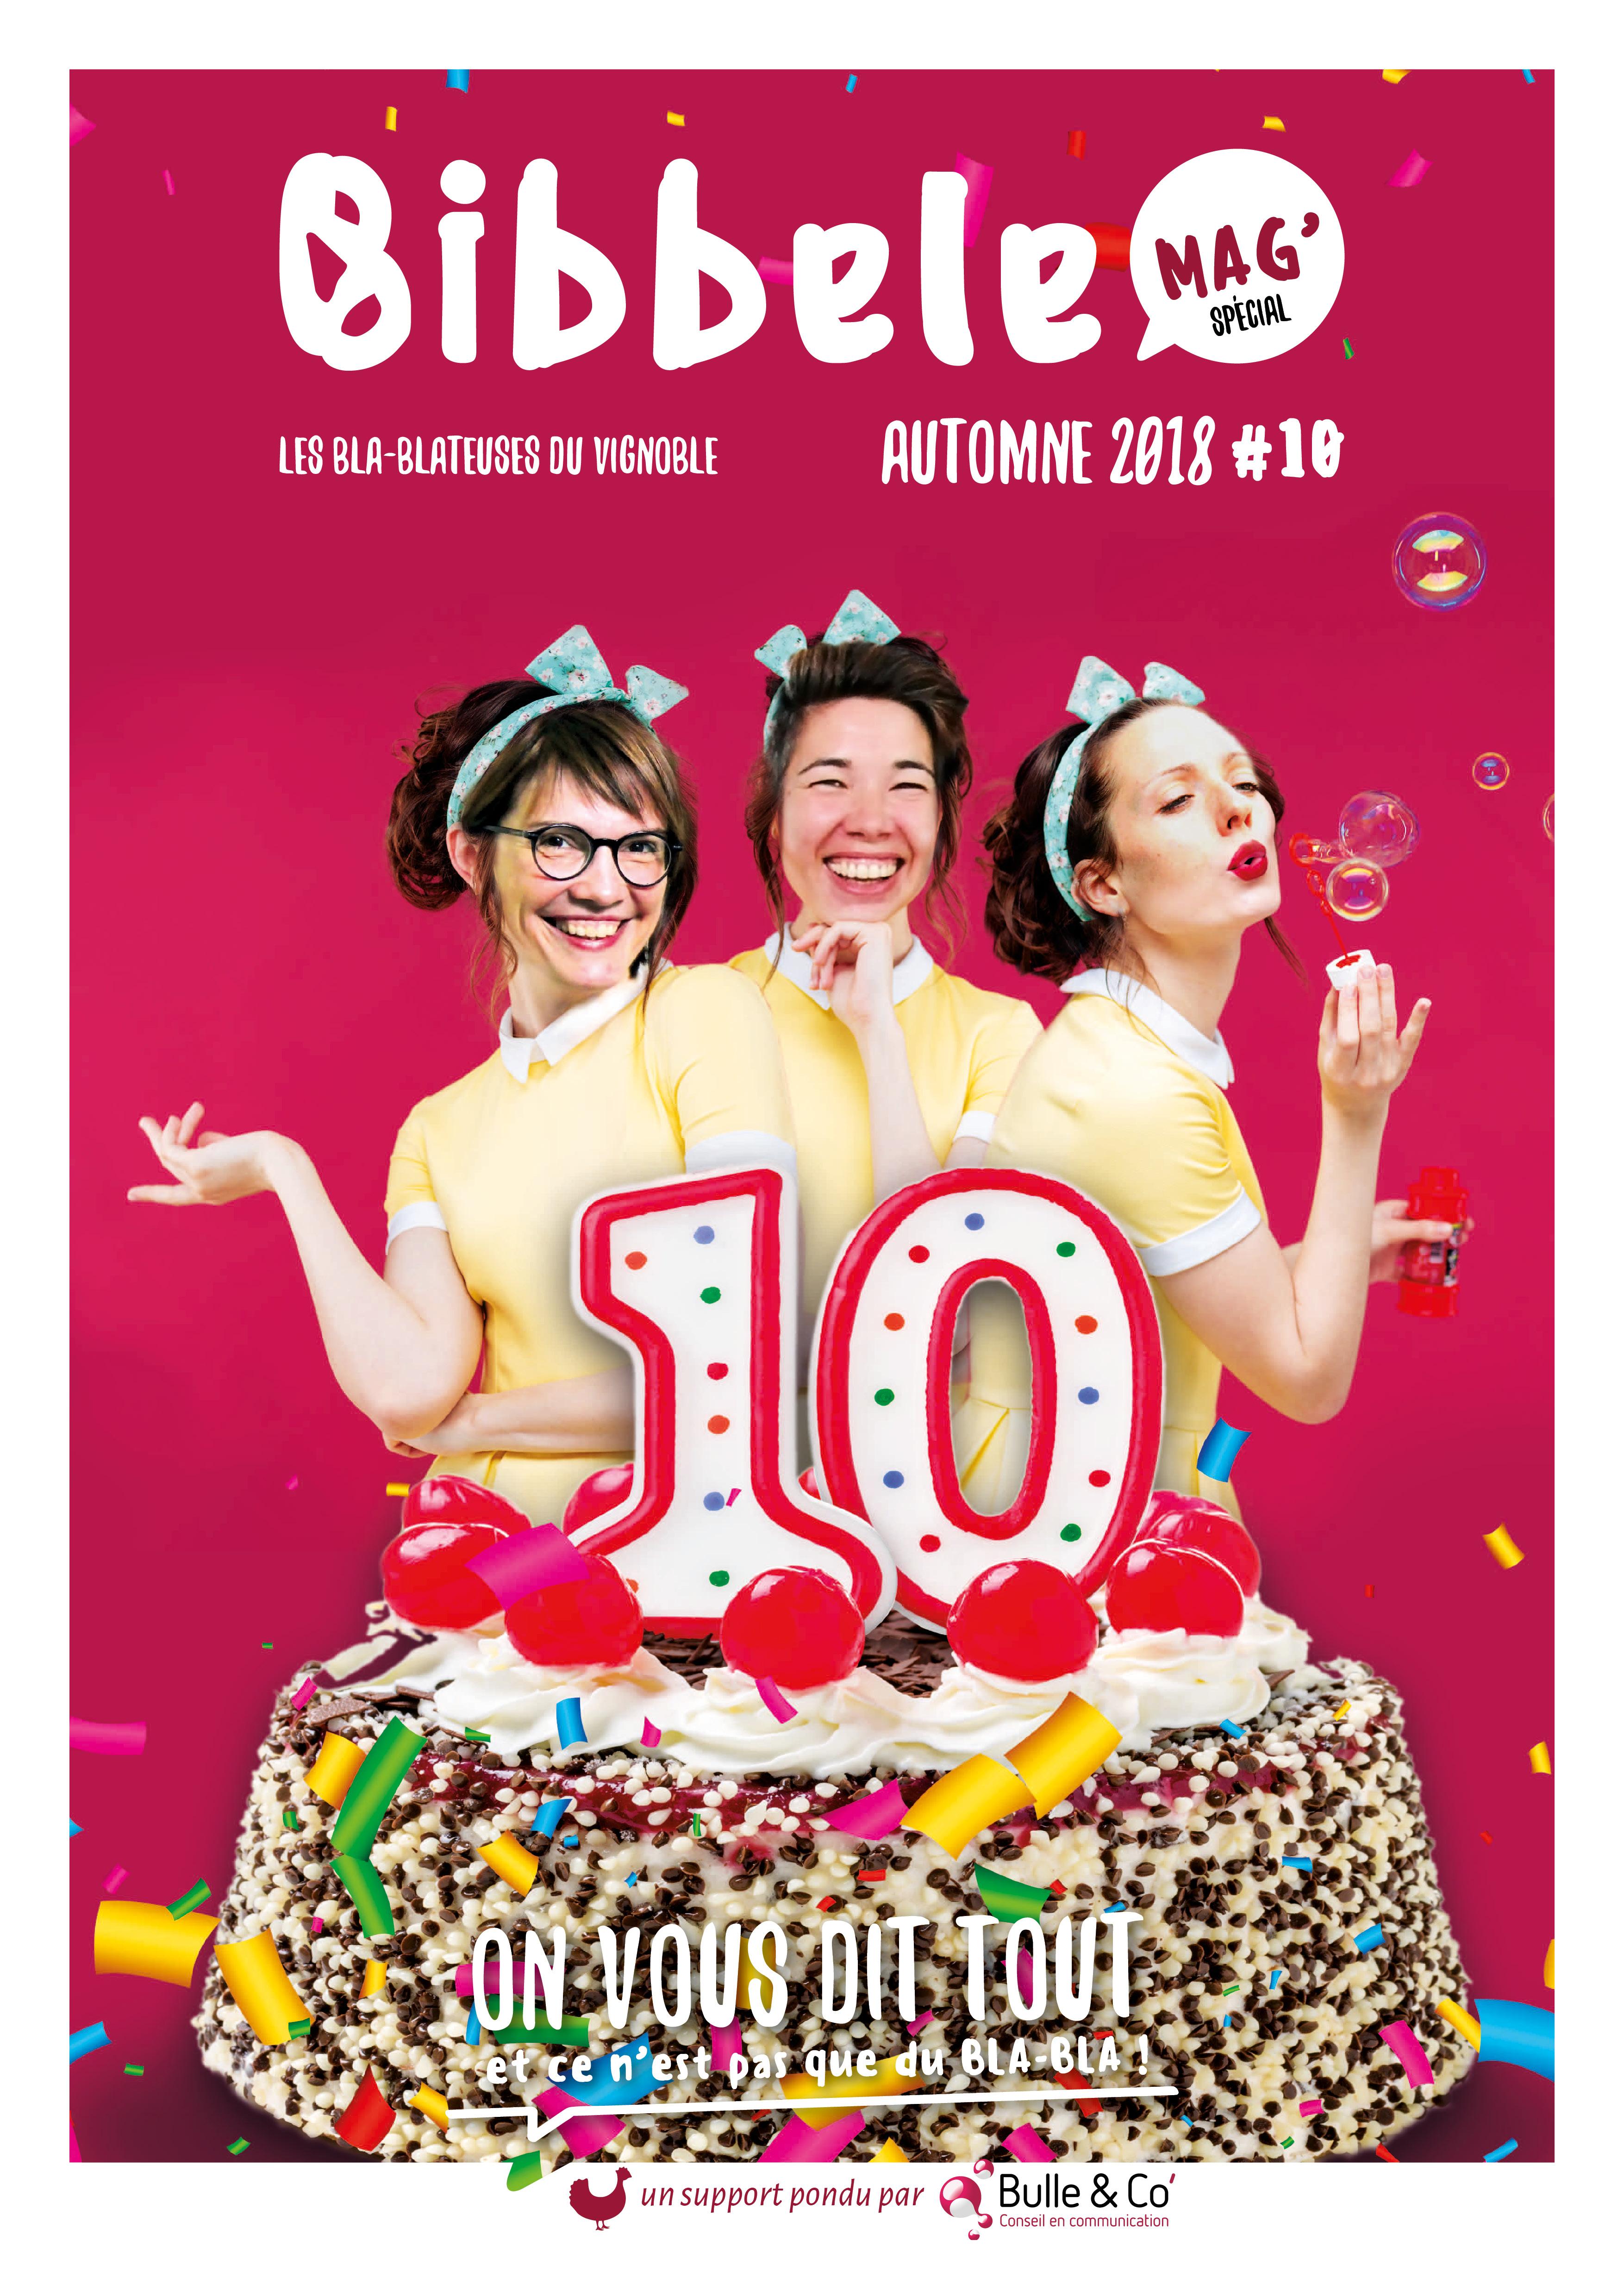 Page de couverture du Bibbele Mag' numéro 10